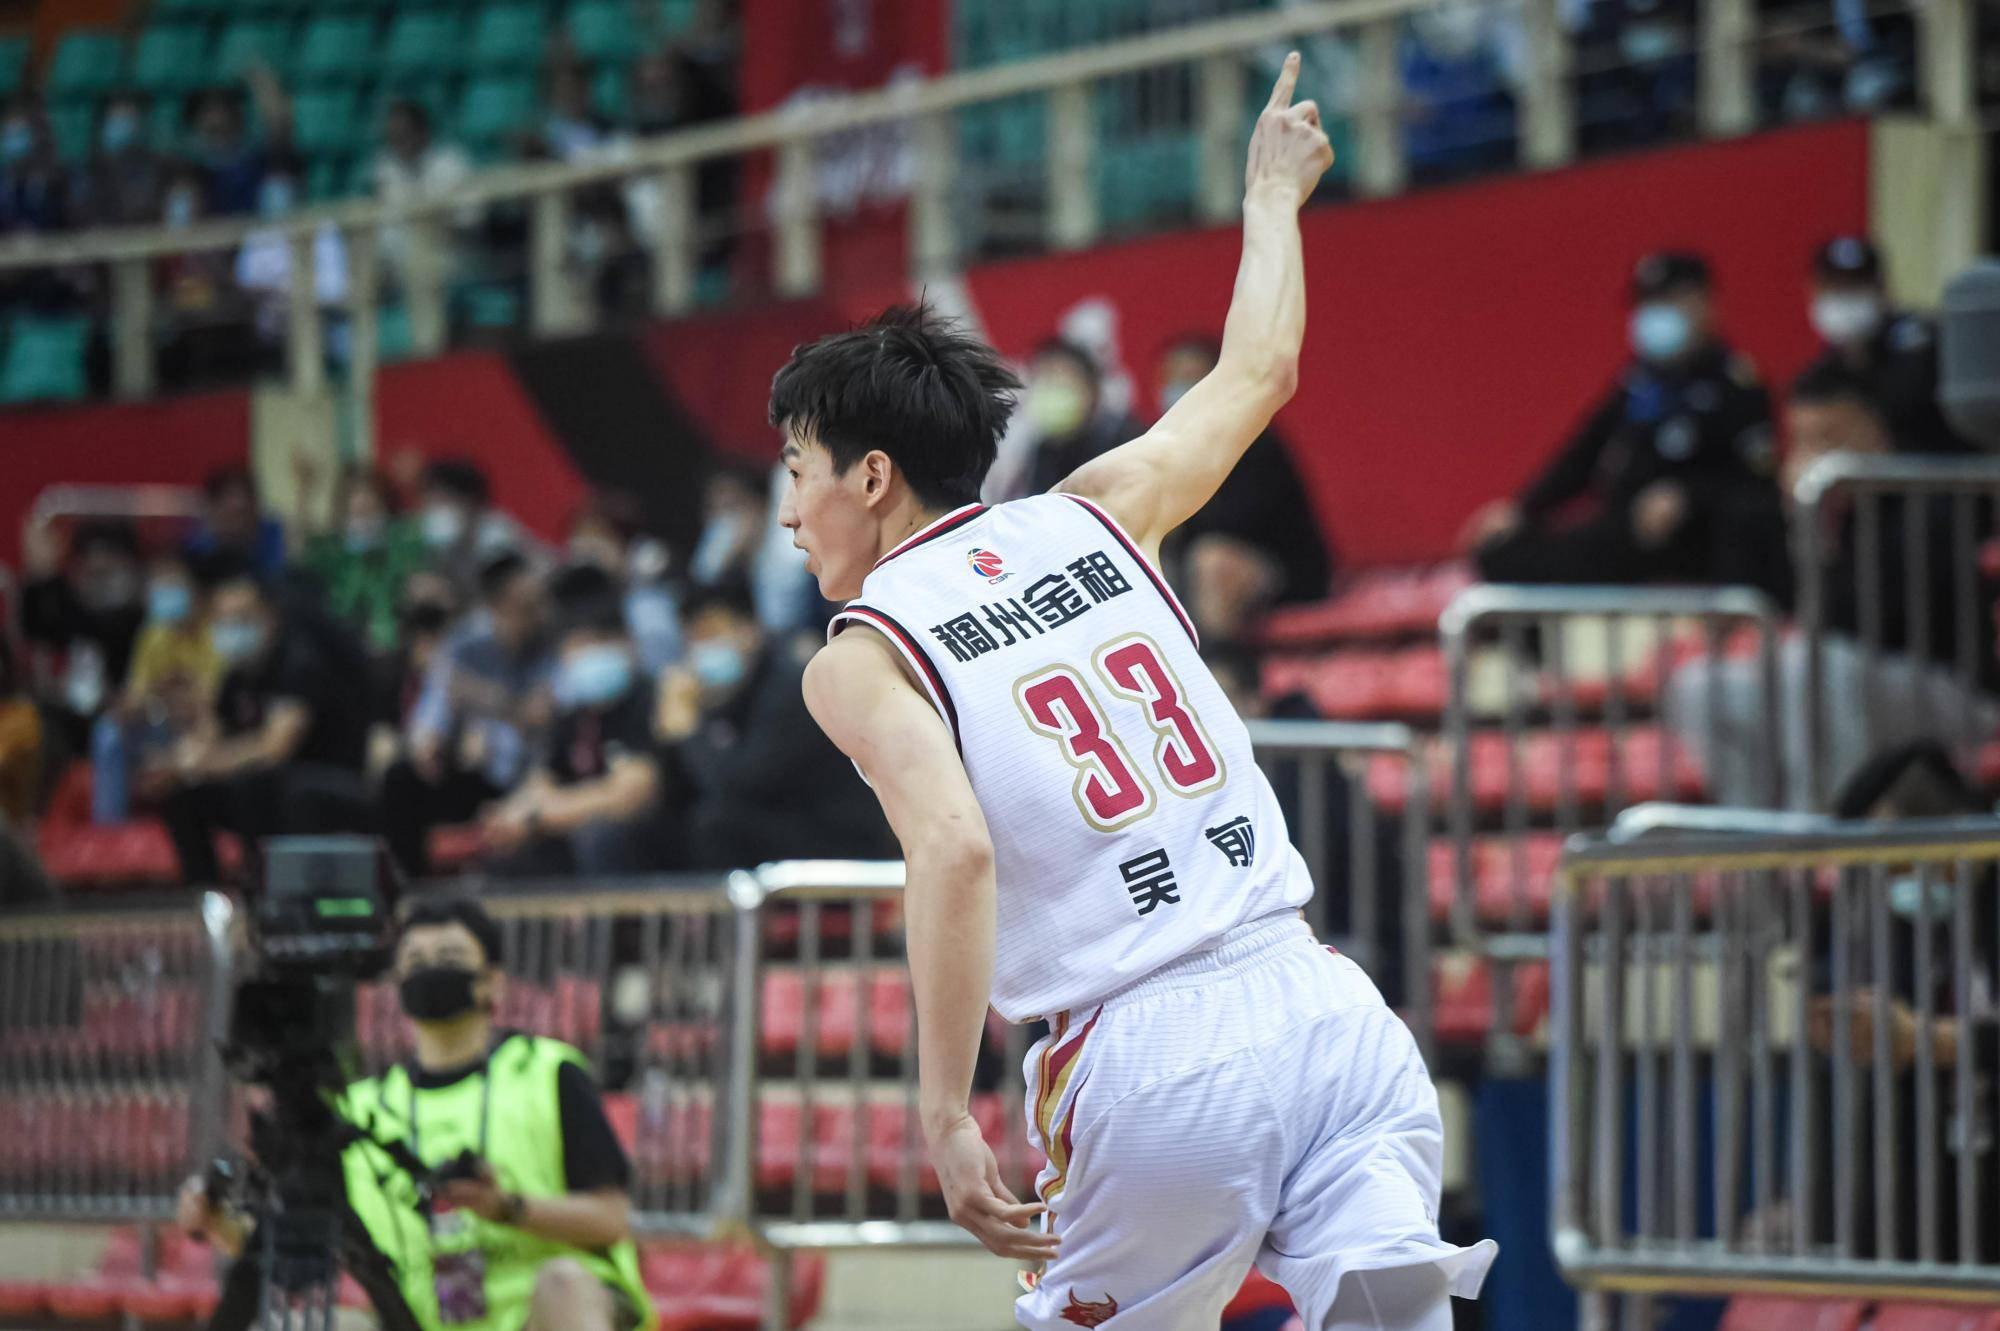 今日篮球赛事解析CBA :浙江稠州金租 VS 辽宁本钢